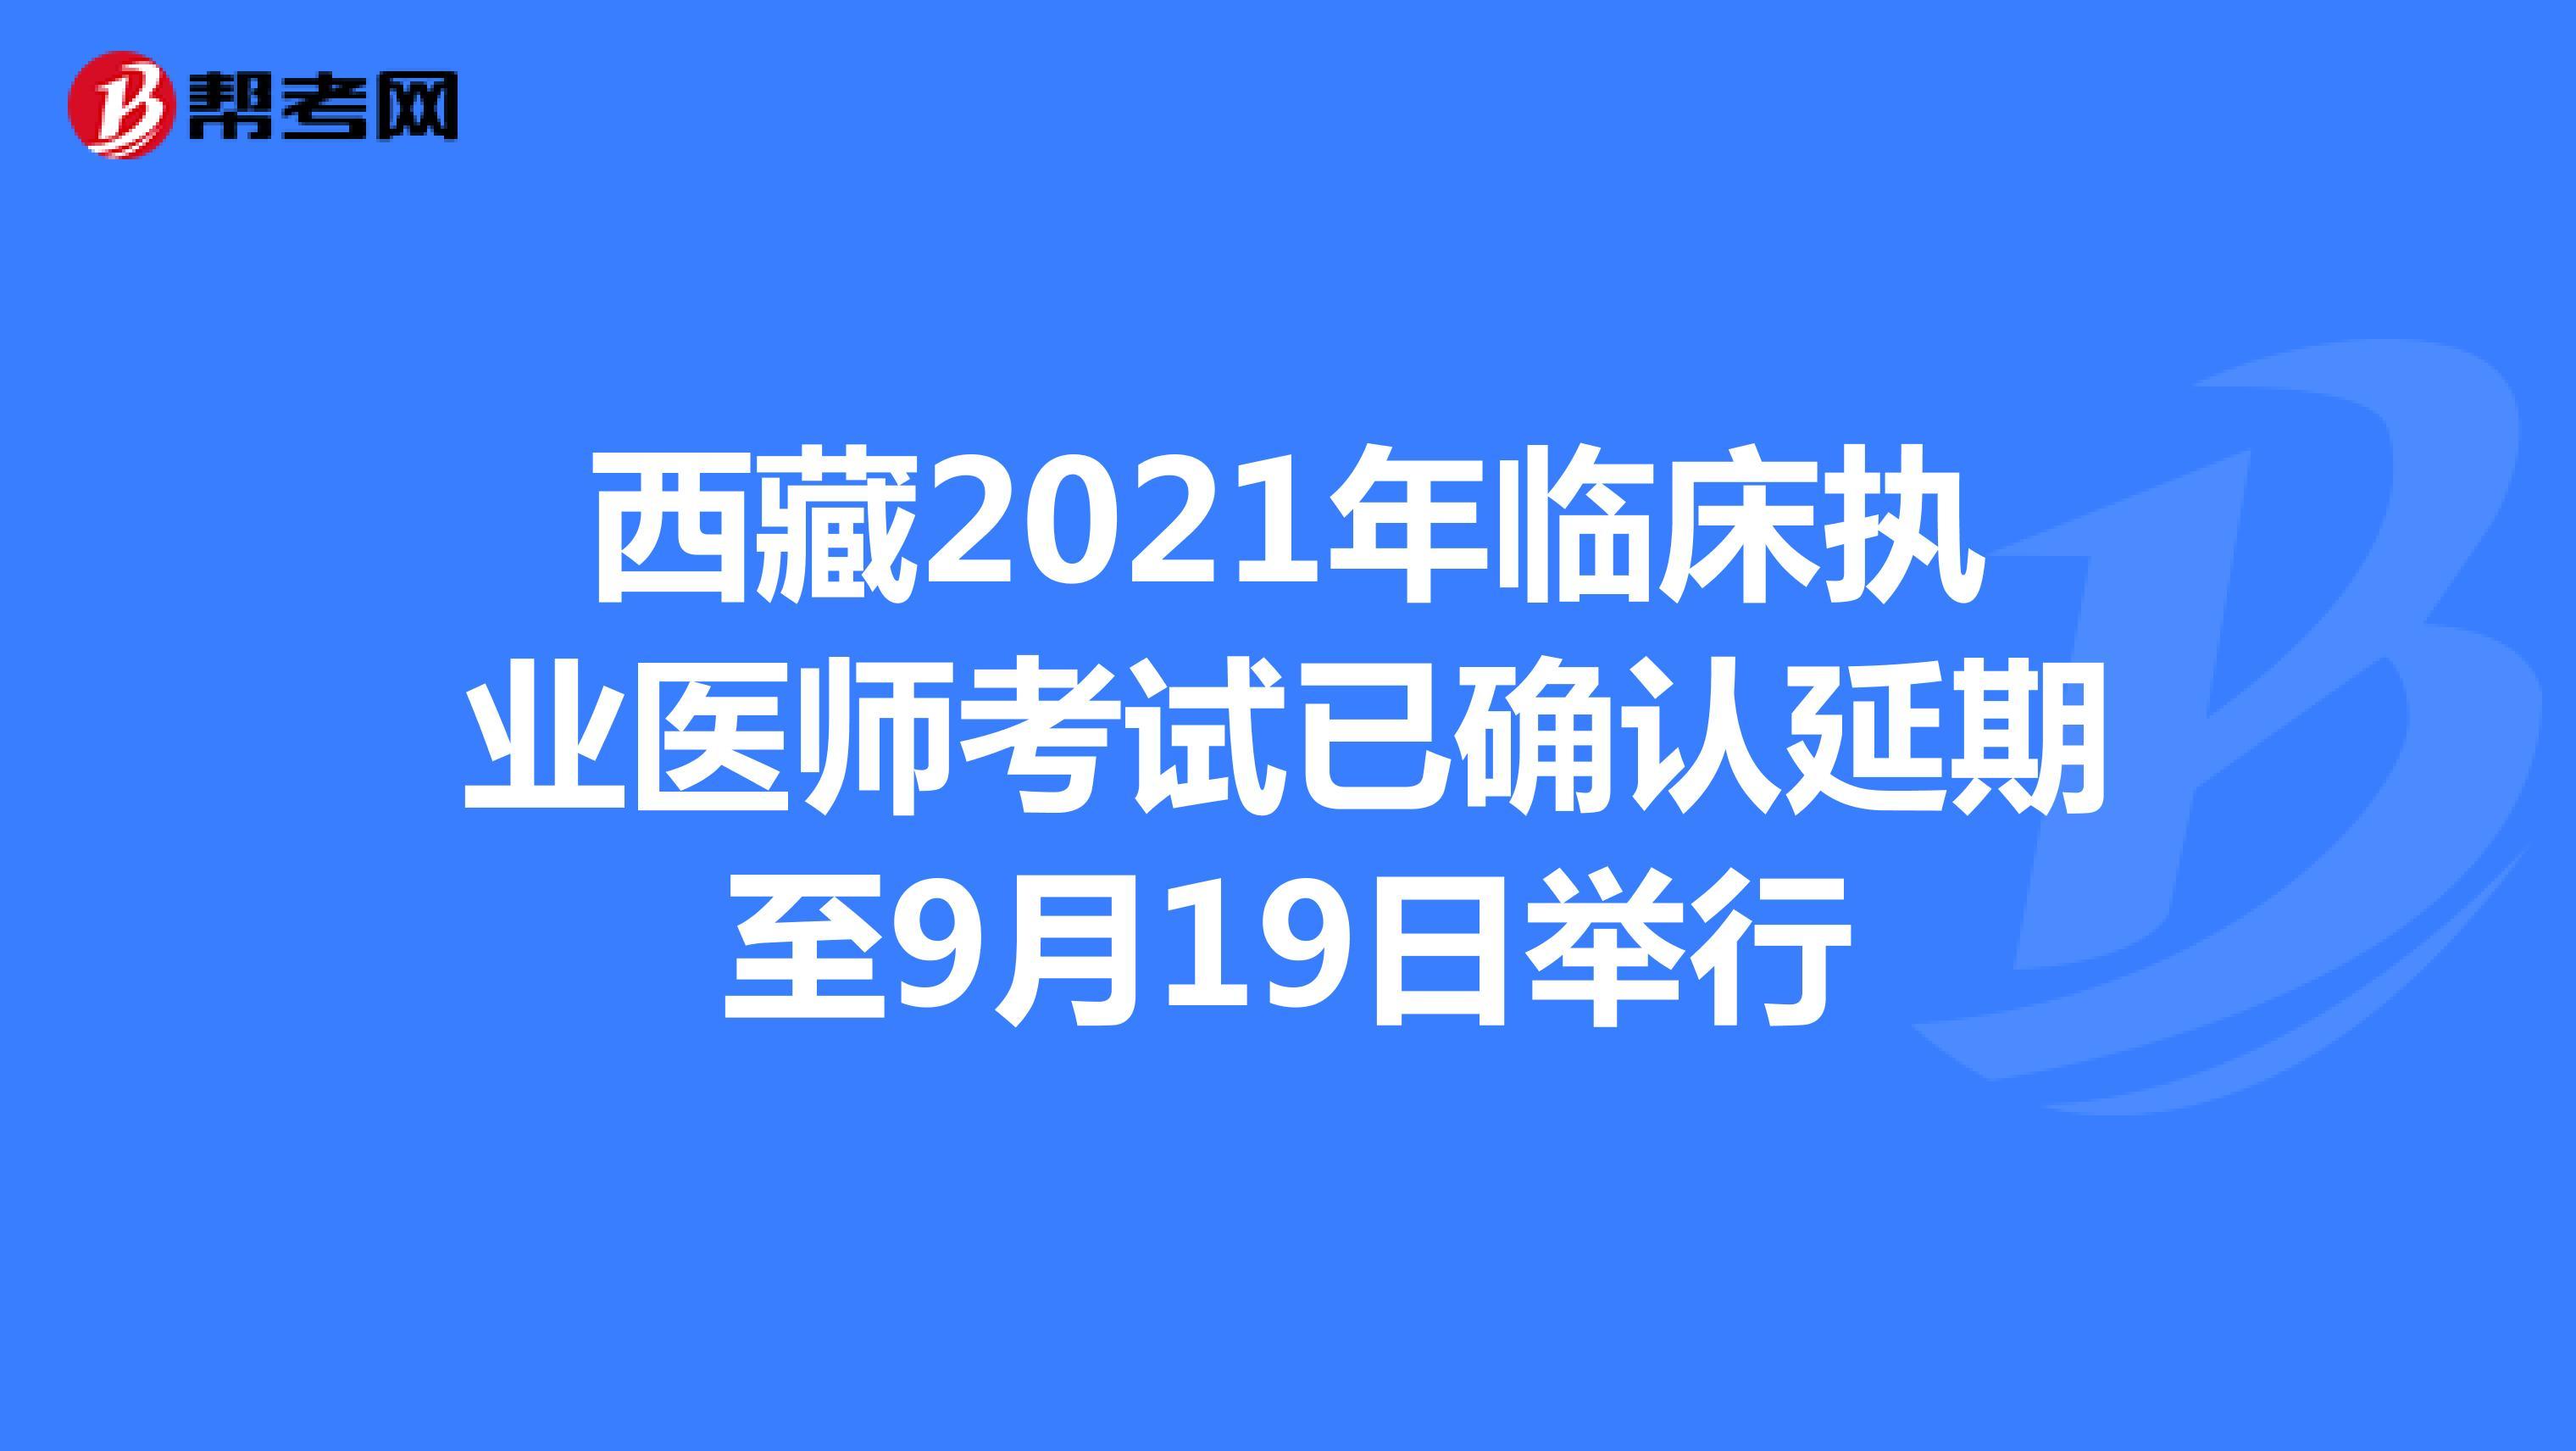 西藏2021年临床执业医师考试已确认延期至9月19日举行